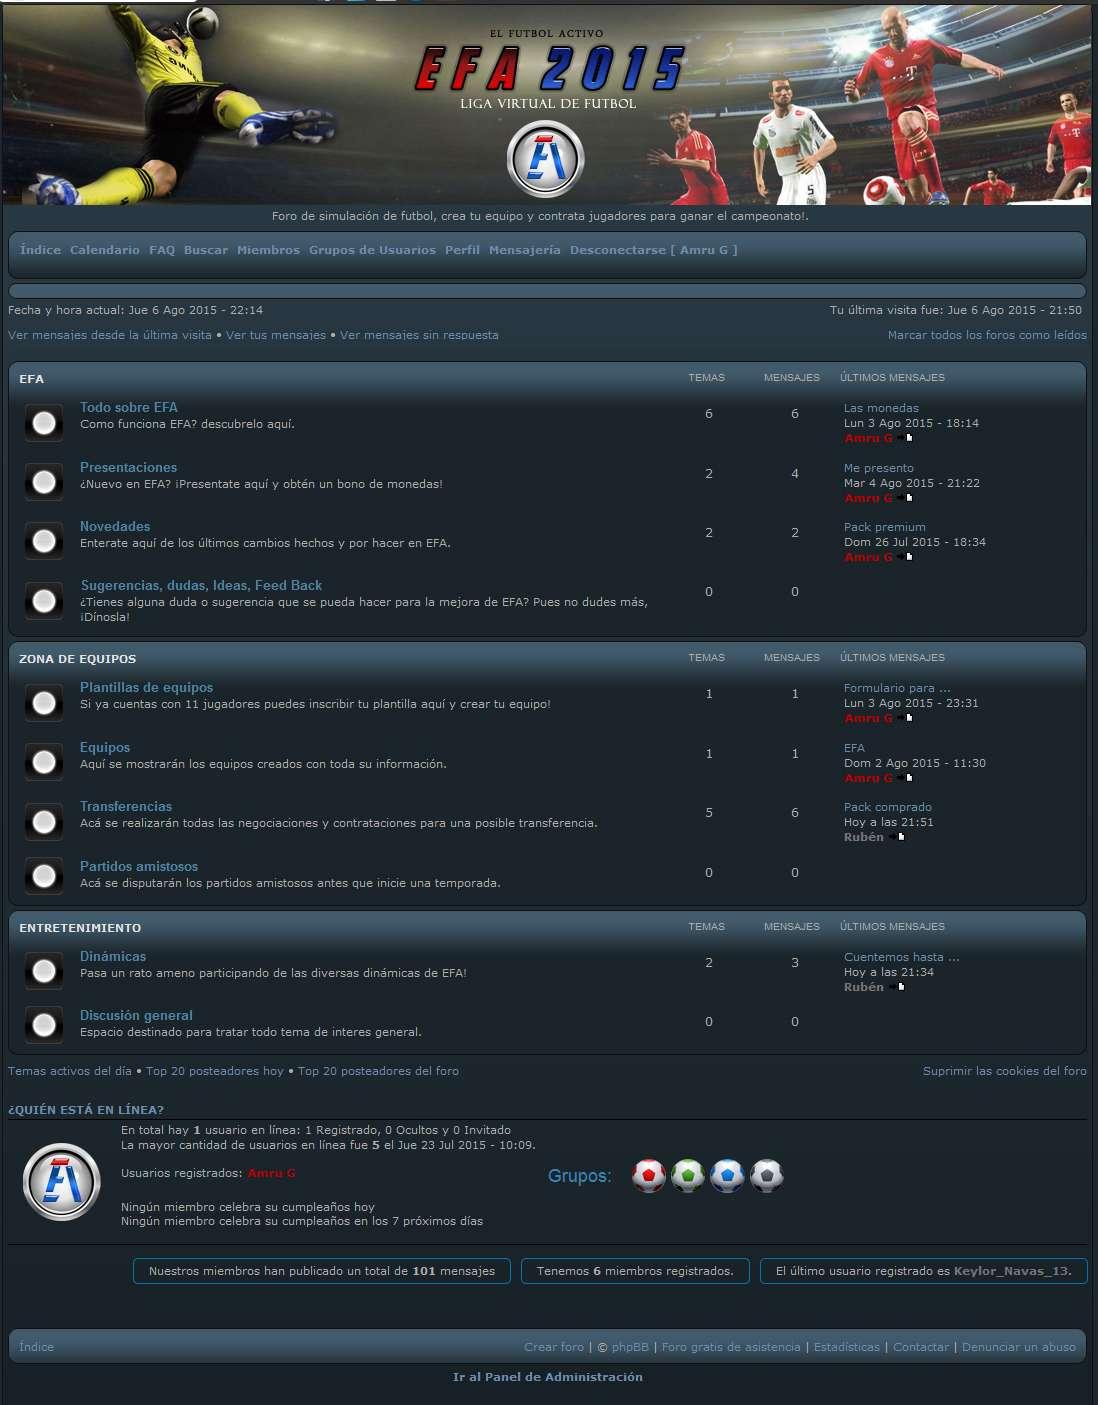 EFA - Liga virtual de futbol Foro10